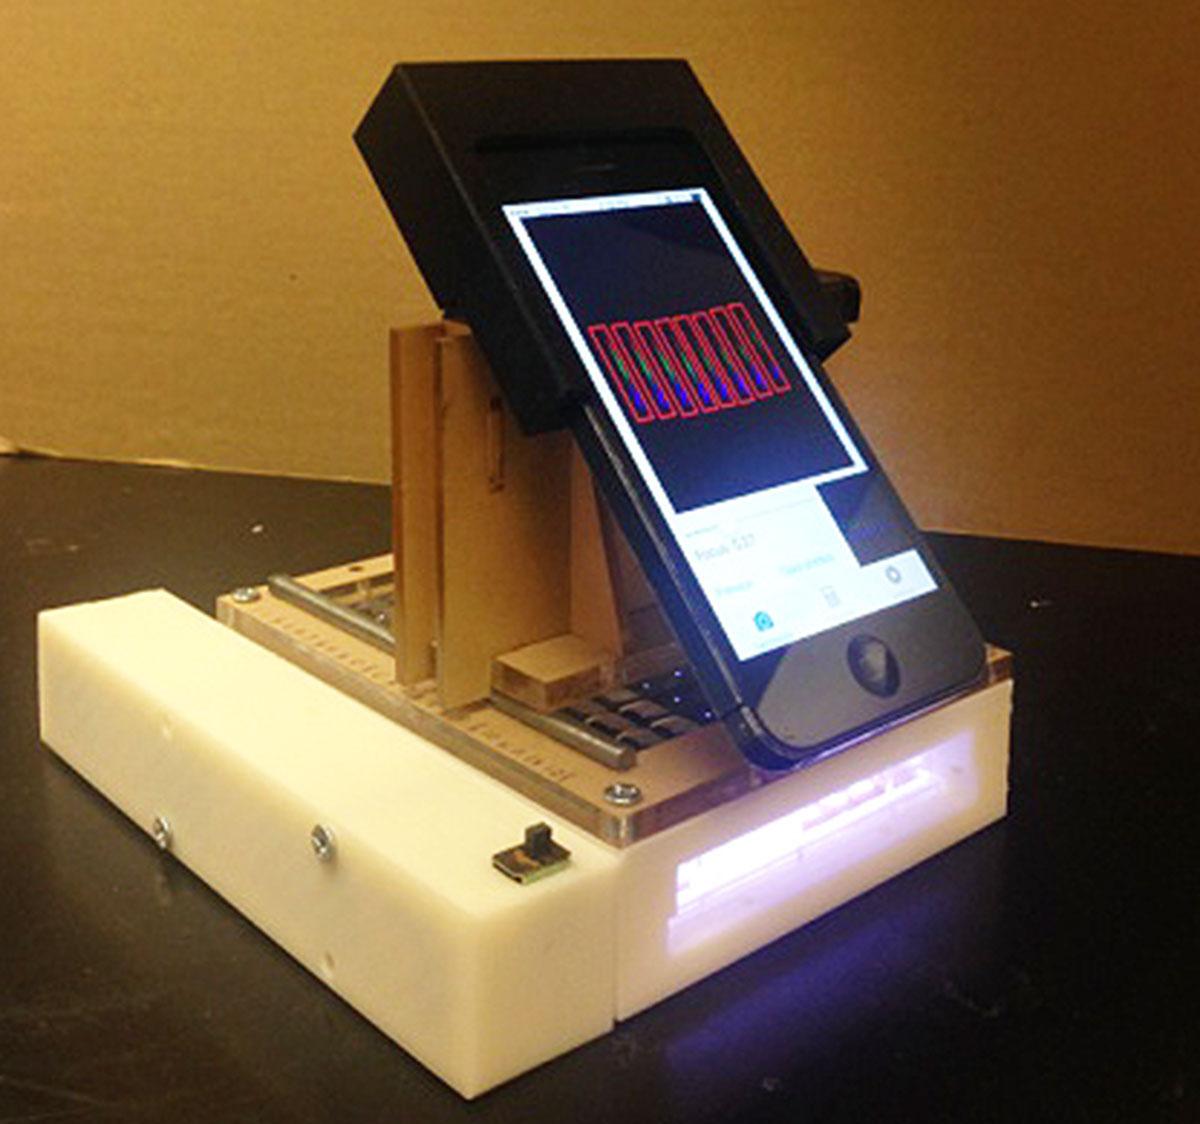 Một nhóm các nhà khoa học dùng iPhone để chuẩn đoán ung thư 2